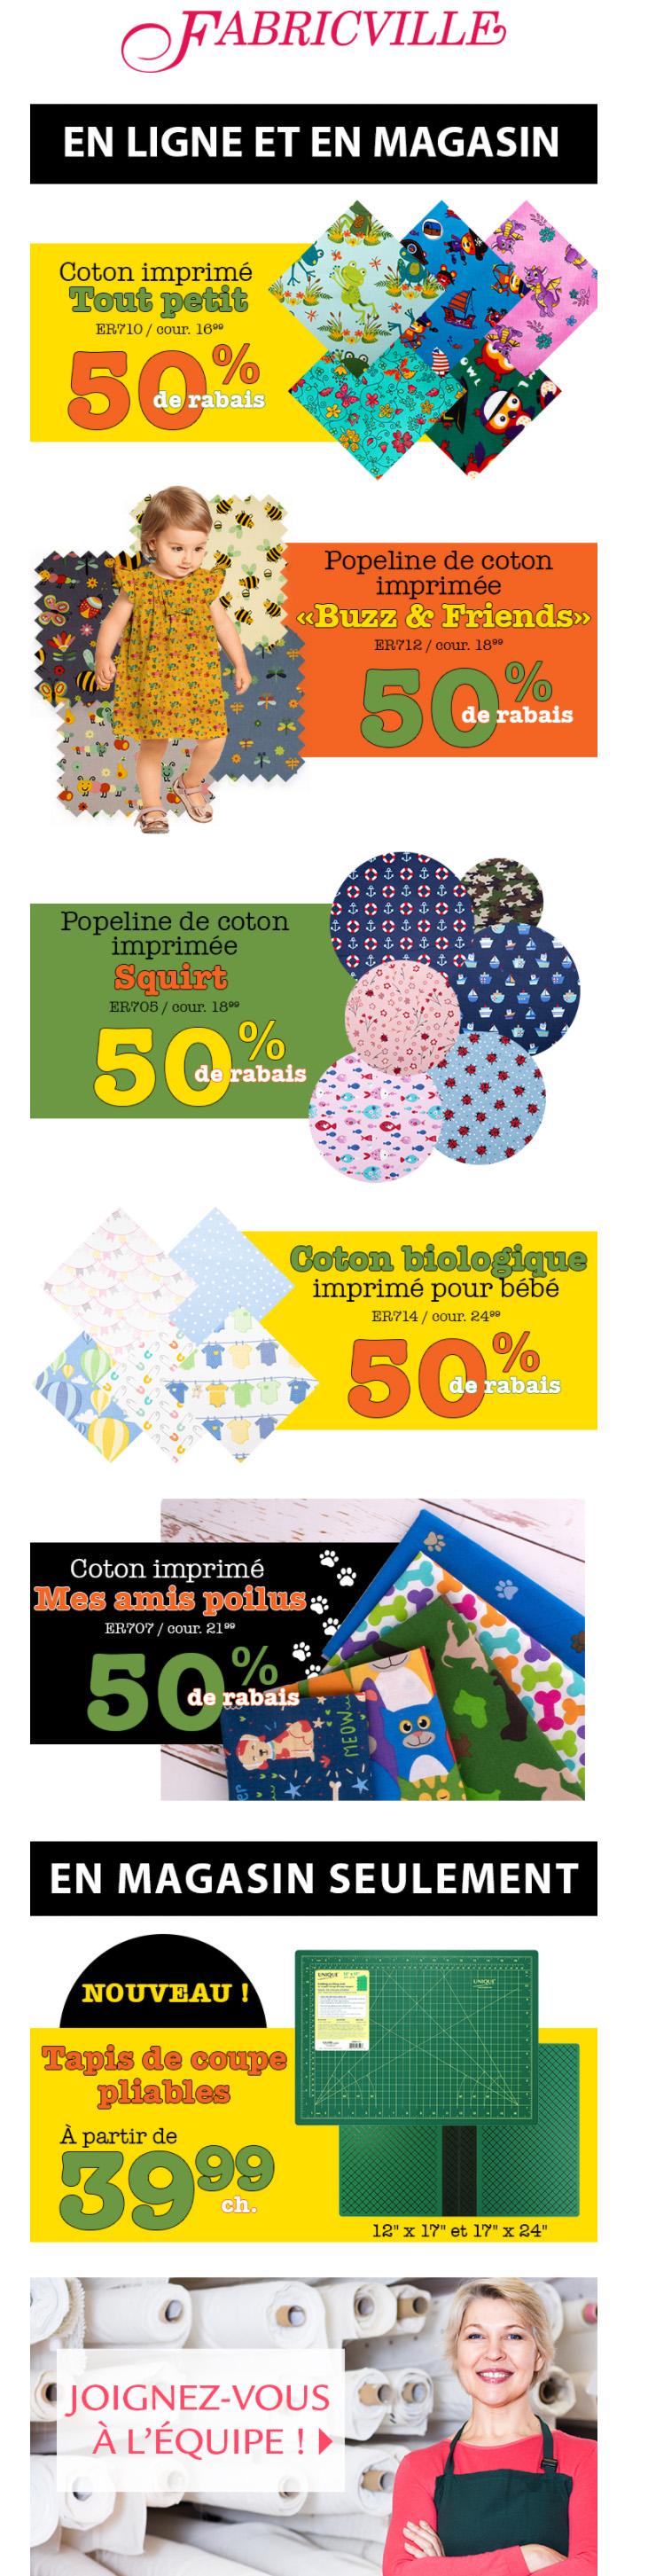 Coton Imprimé Adorable Pour Les Enfants! 50% De Rabais